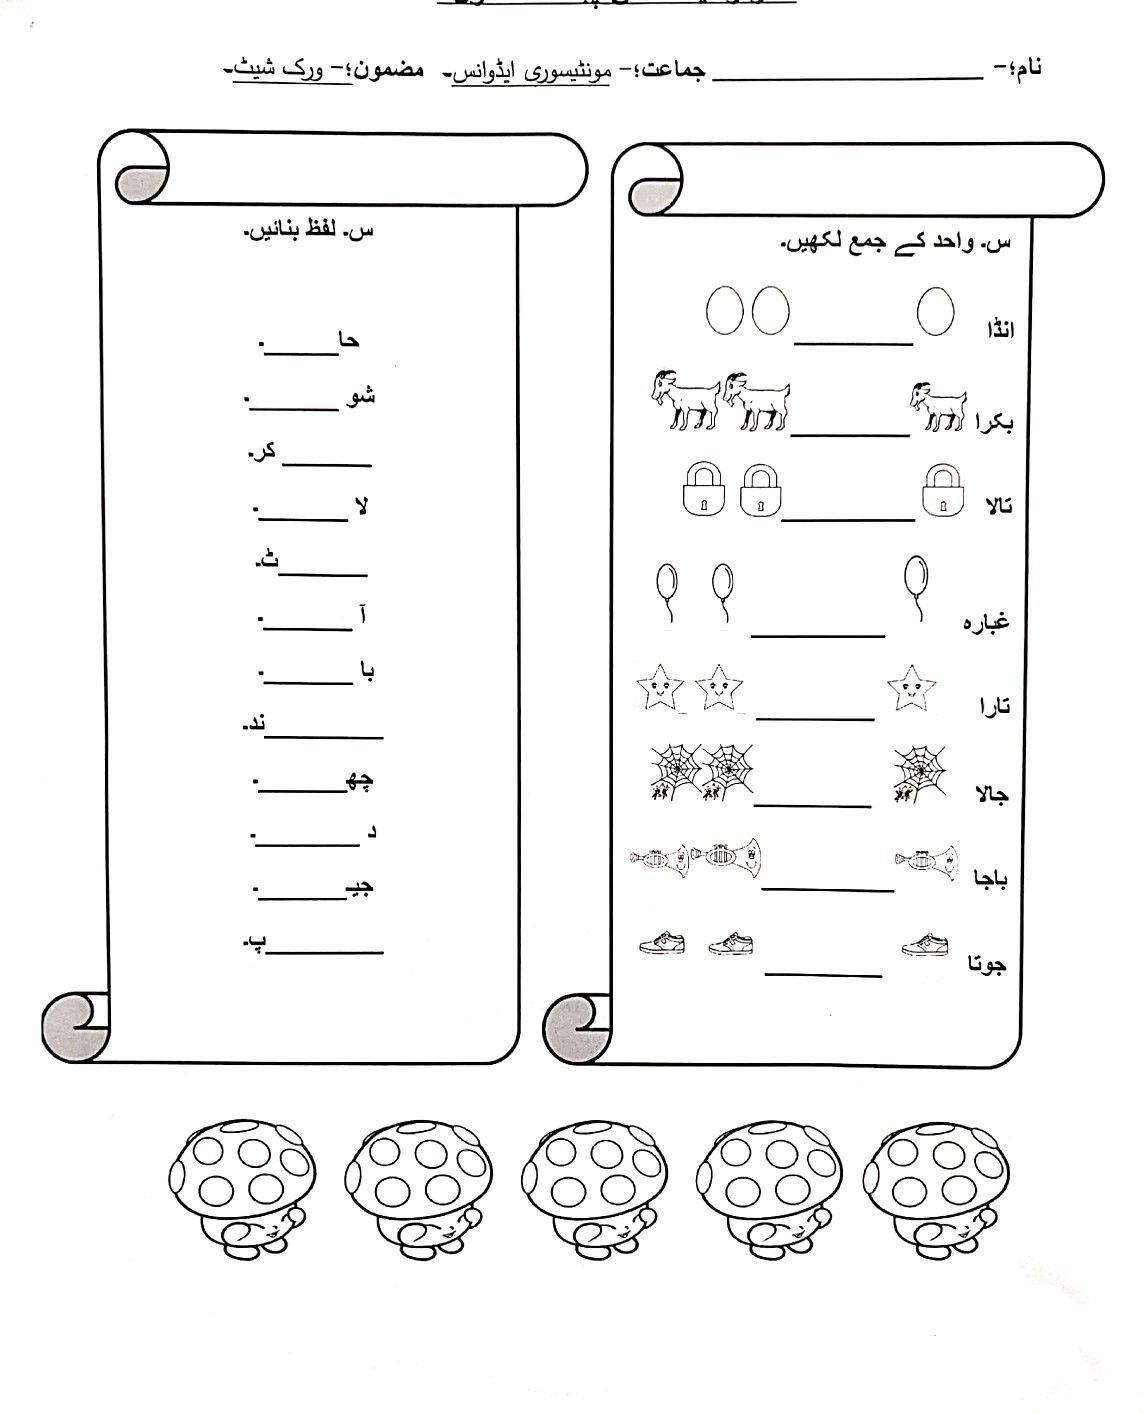 Worksheet   Free preschool worksheets [ 1414 x 1144 Pixel ]